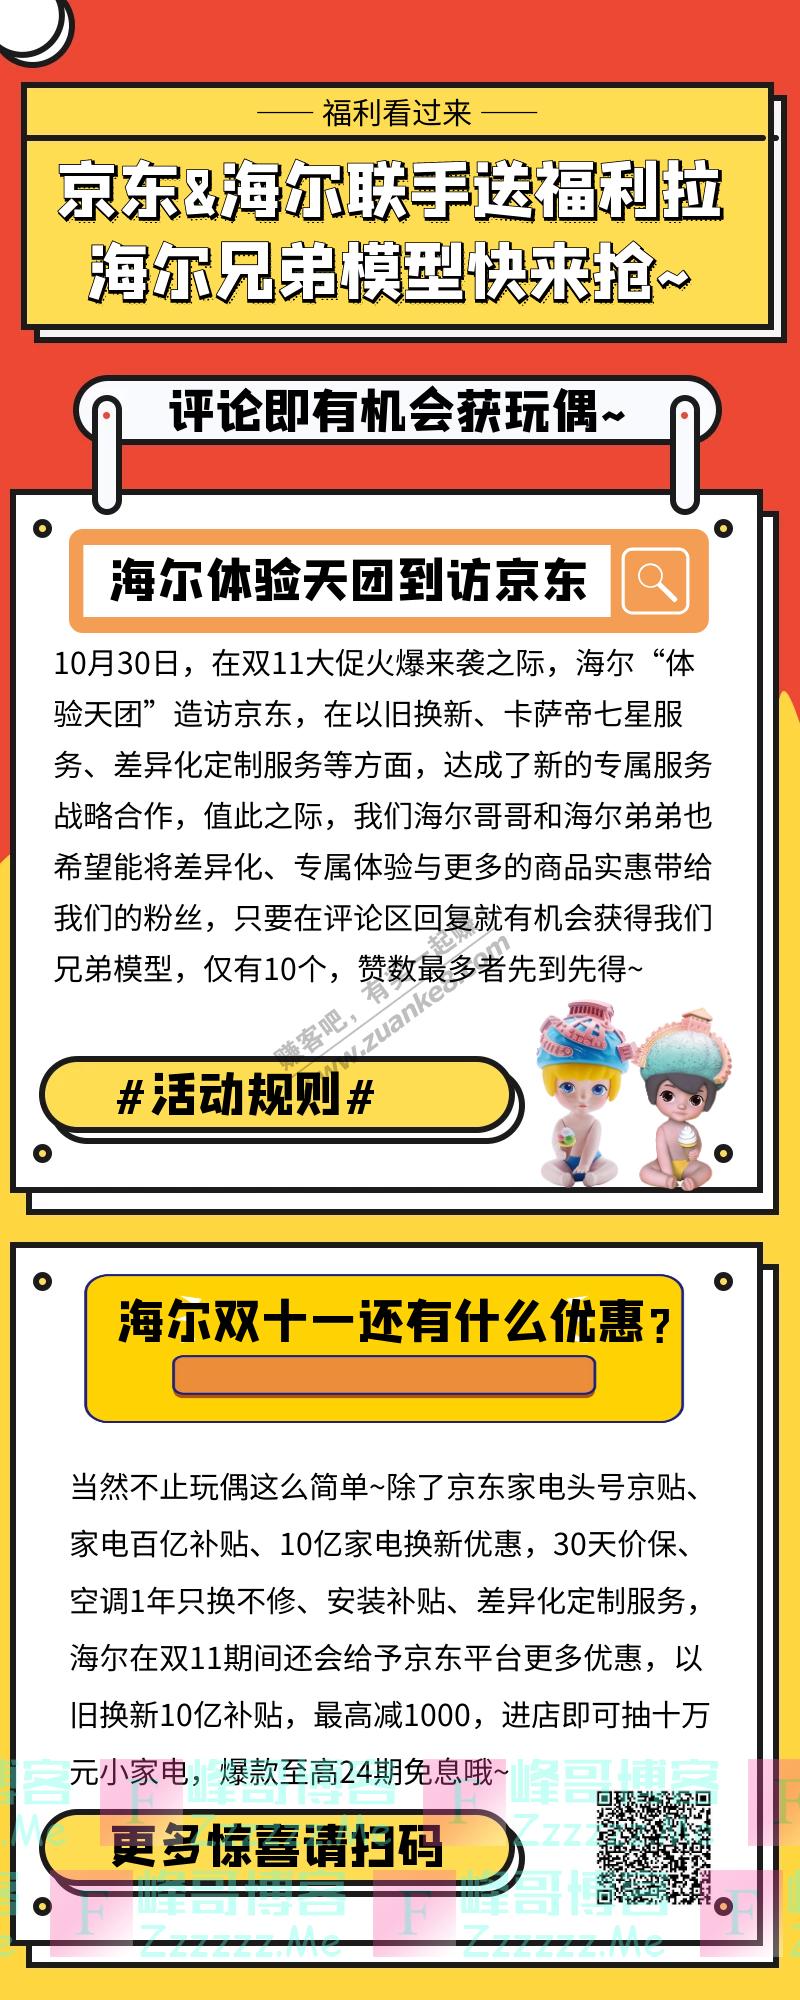 京东家电小秘书京东&海尔联合送福利拉 海尔兄弟模型免费抢(截止不详)